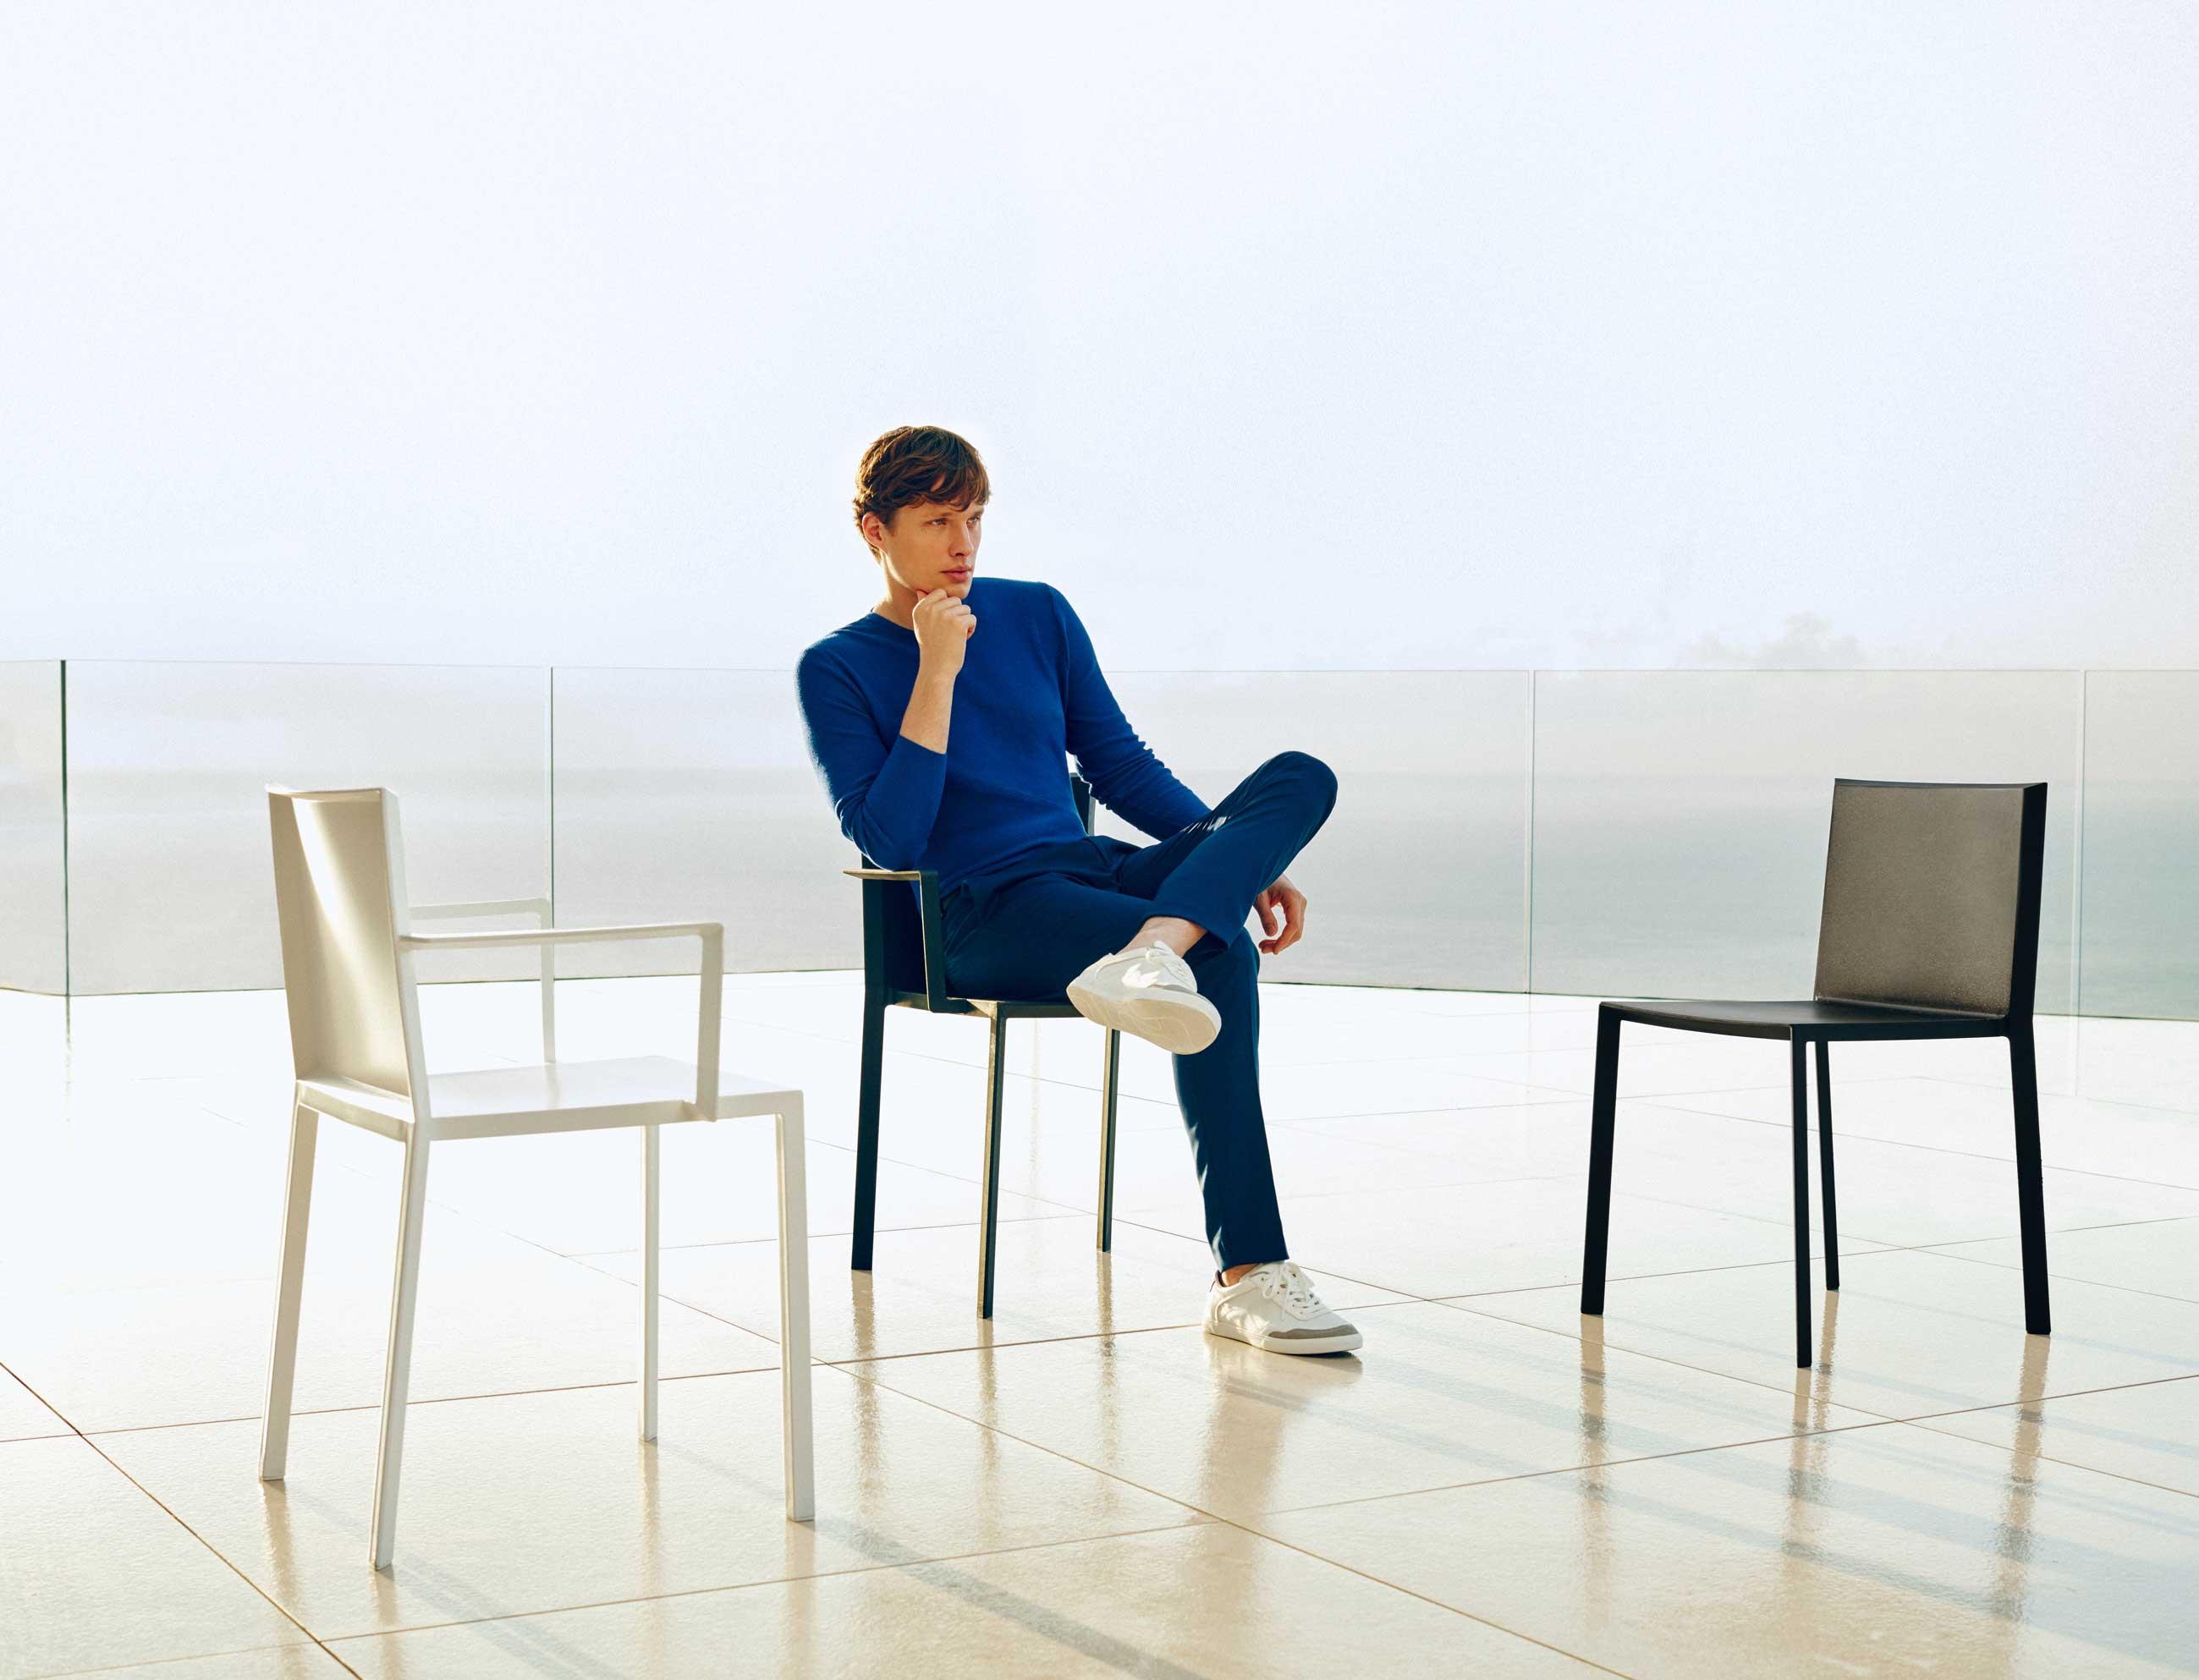 La silla que querrás tener - Decoreando